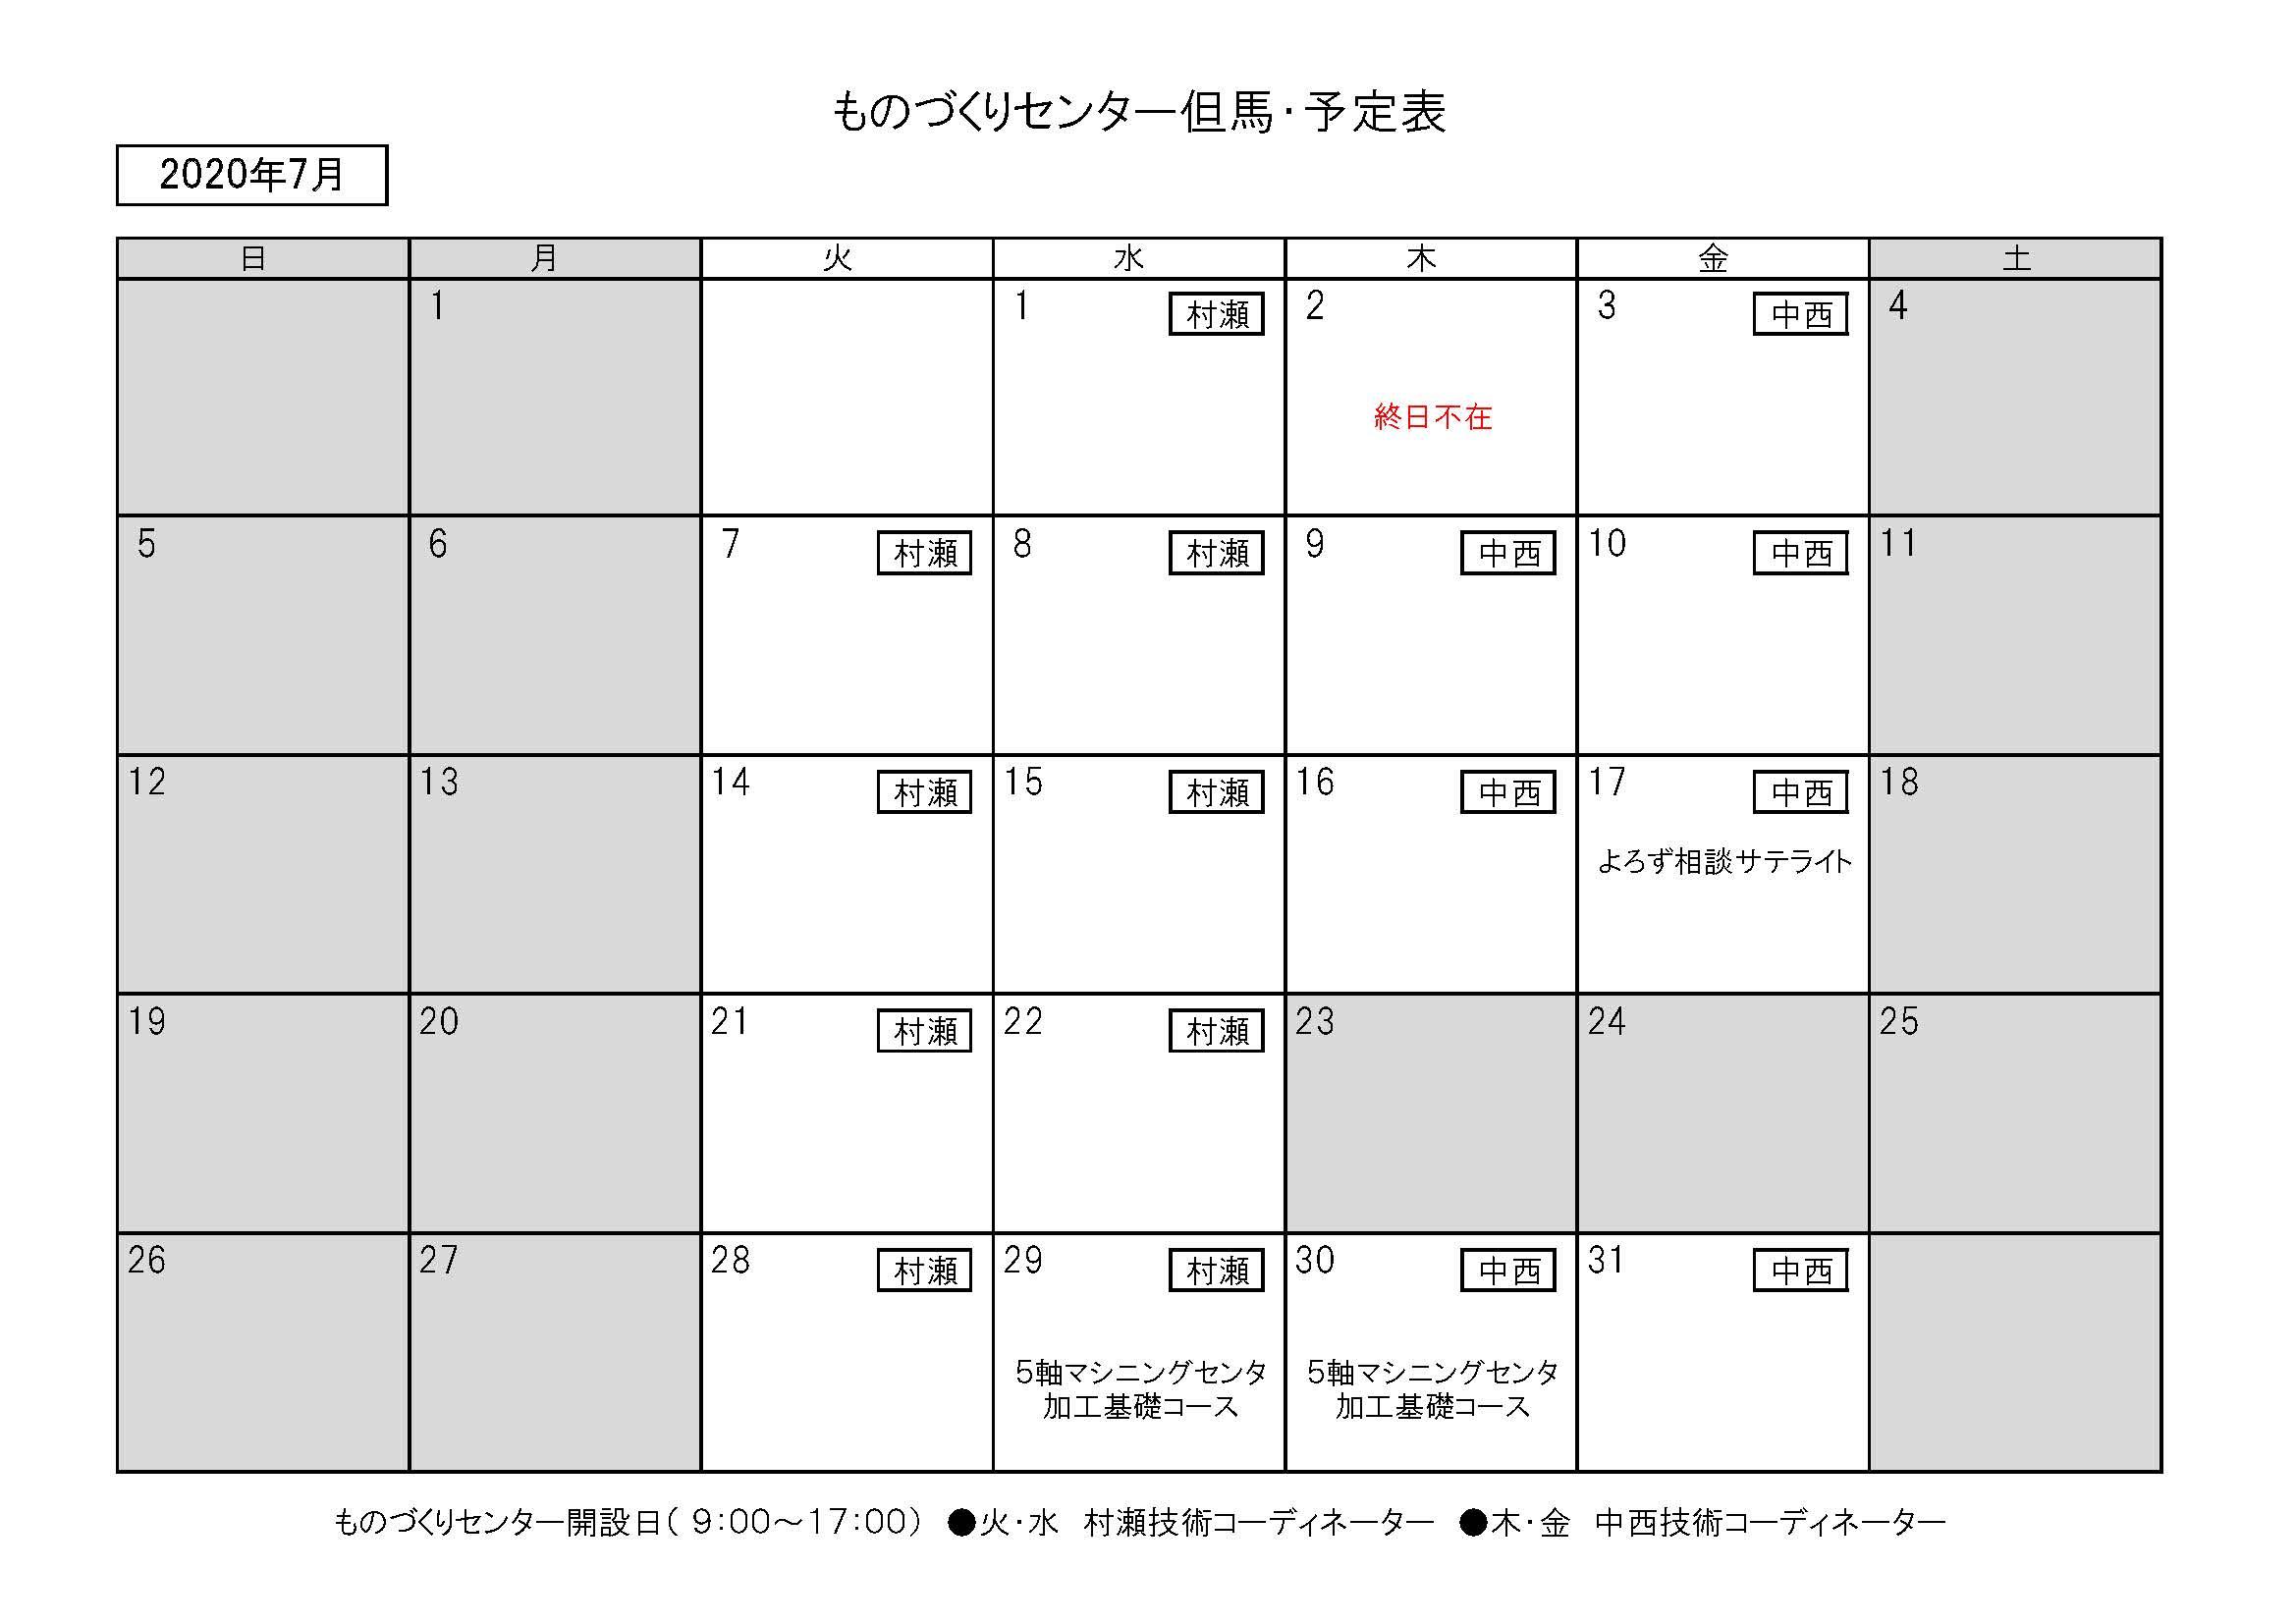 ものセン但馬日程表(2020年7月)